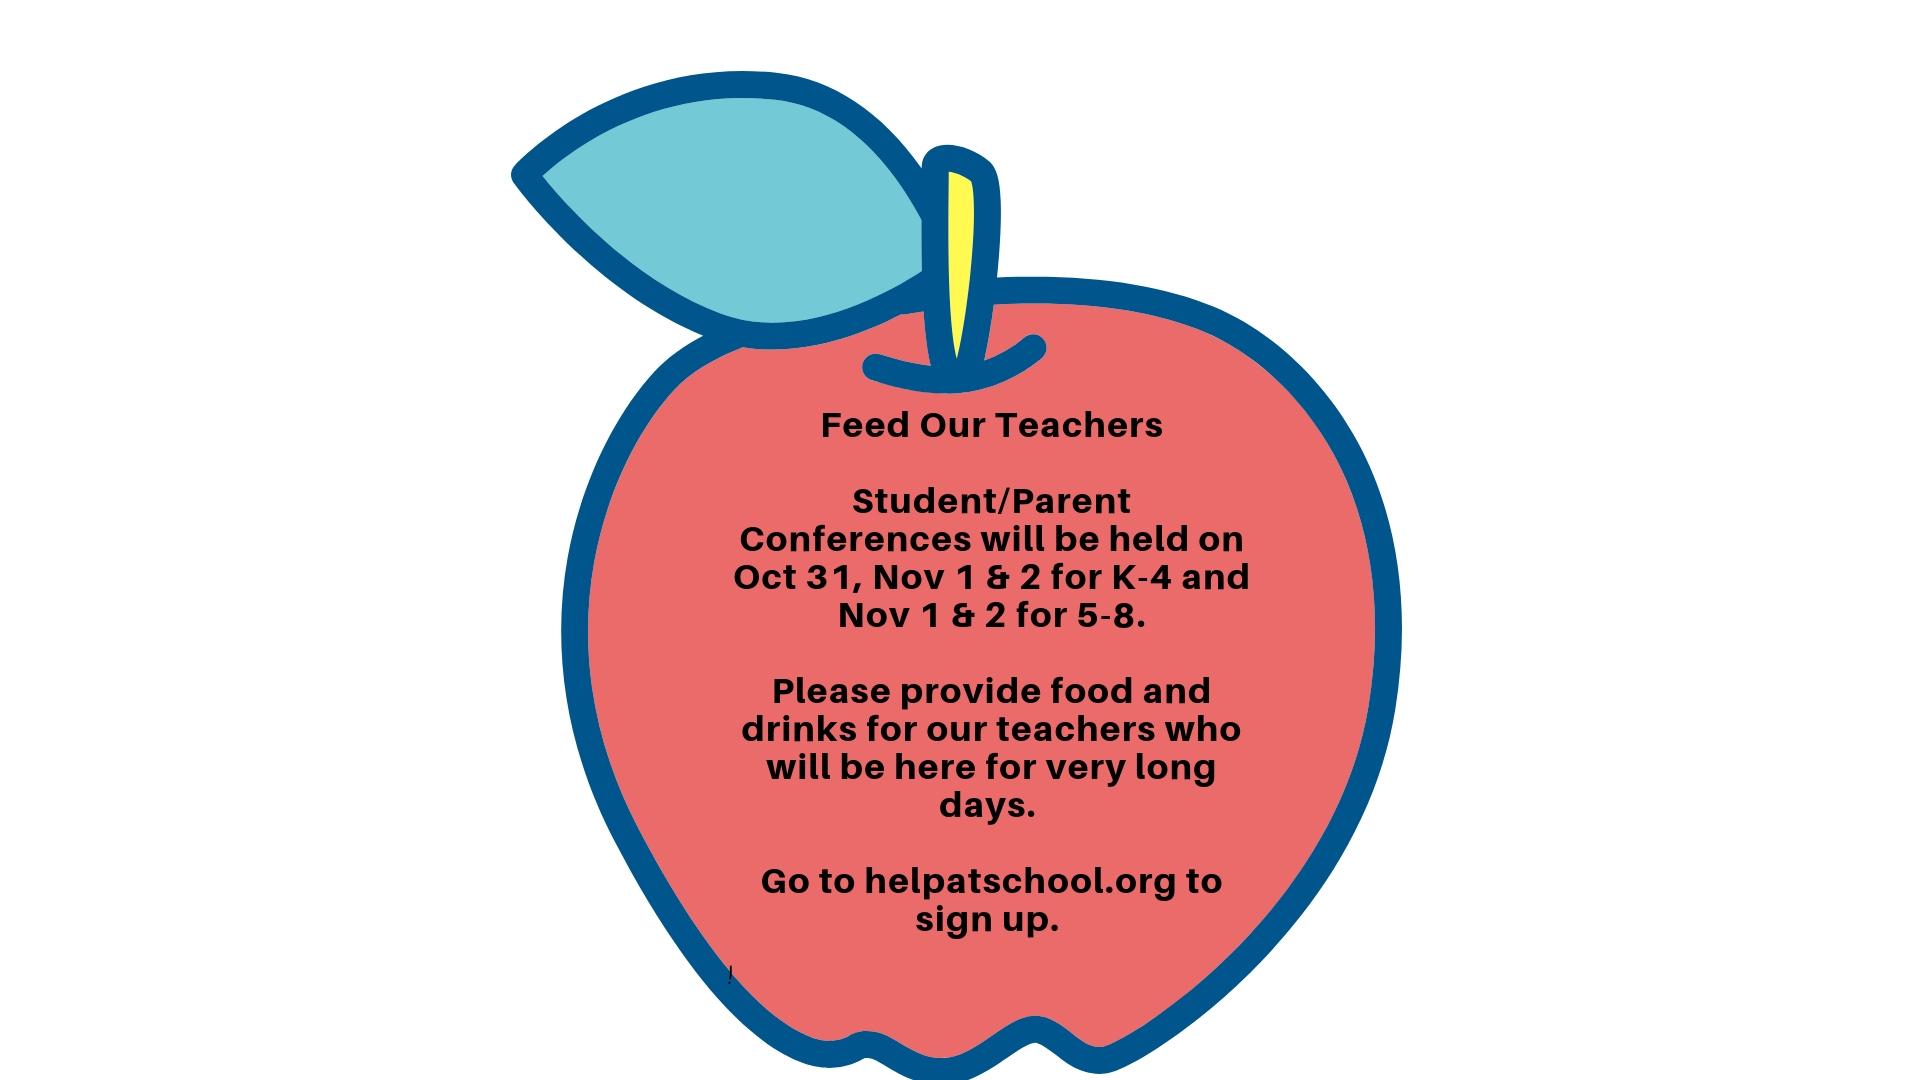 Feed Our Teachers